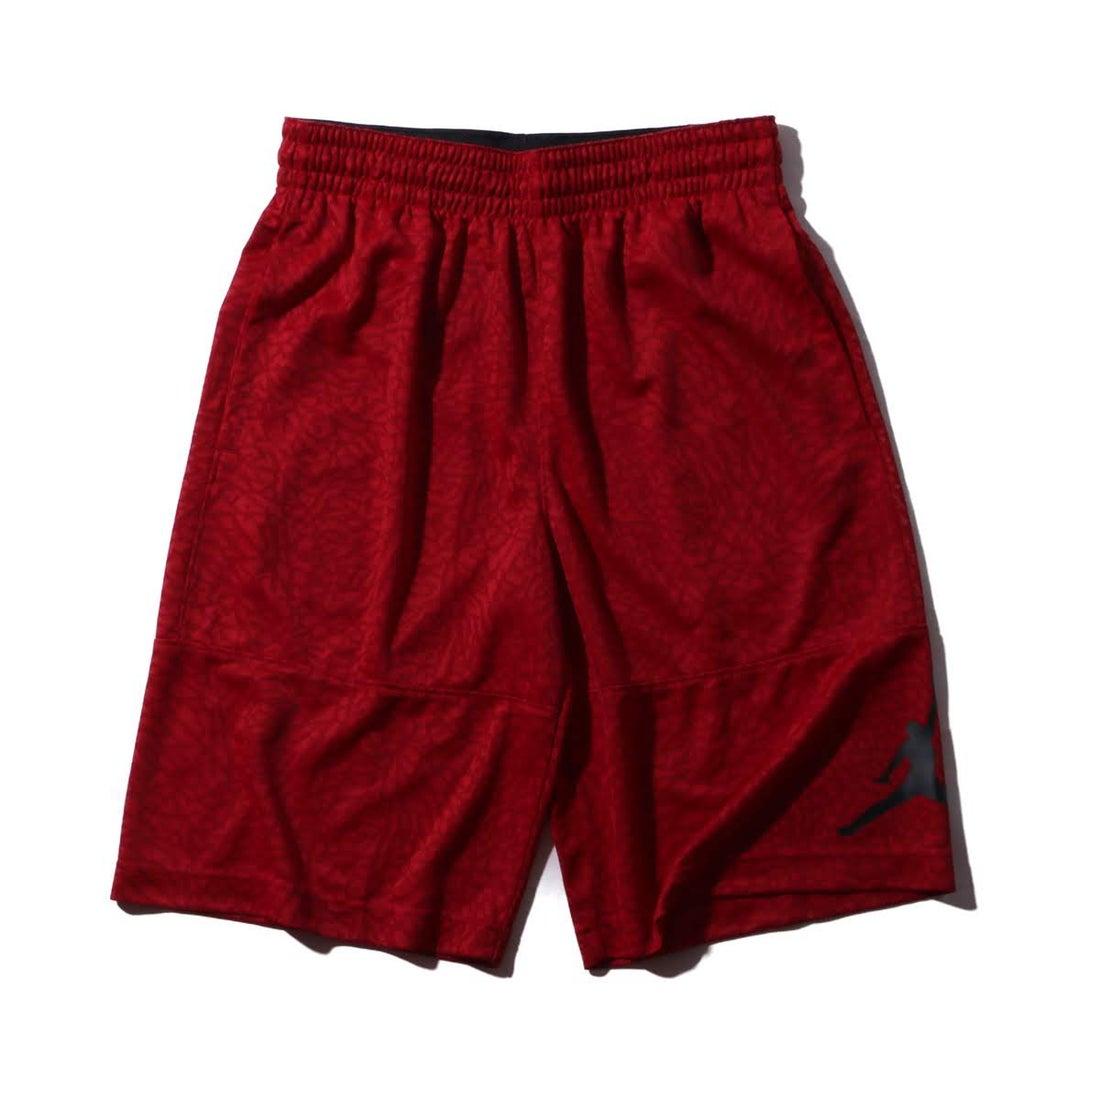 ロコンド 靴とファッションの通販サイトナイキ NIKE NIKE ELE BLOCKOUT SHORT (RED)